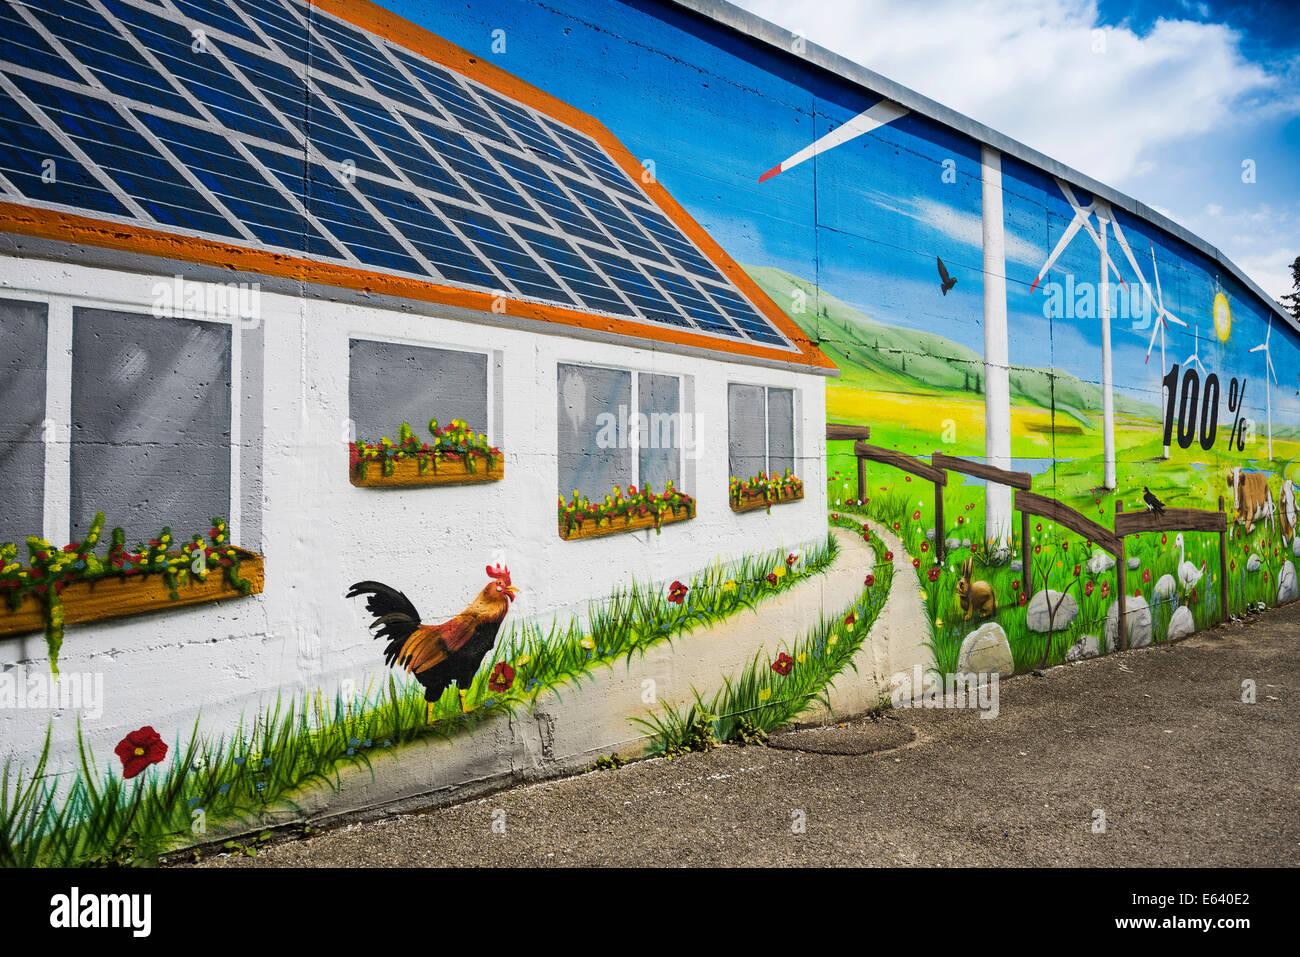 Wand eines Hauses gemalt mit einem Thema erneuerbare Energien, Tiengen, Waldshut-Tiengen, Baden-Württemberg, Stockbild